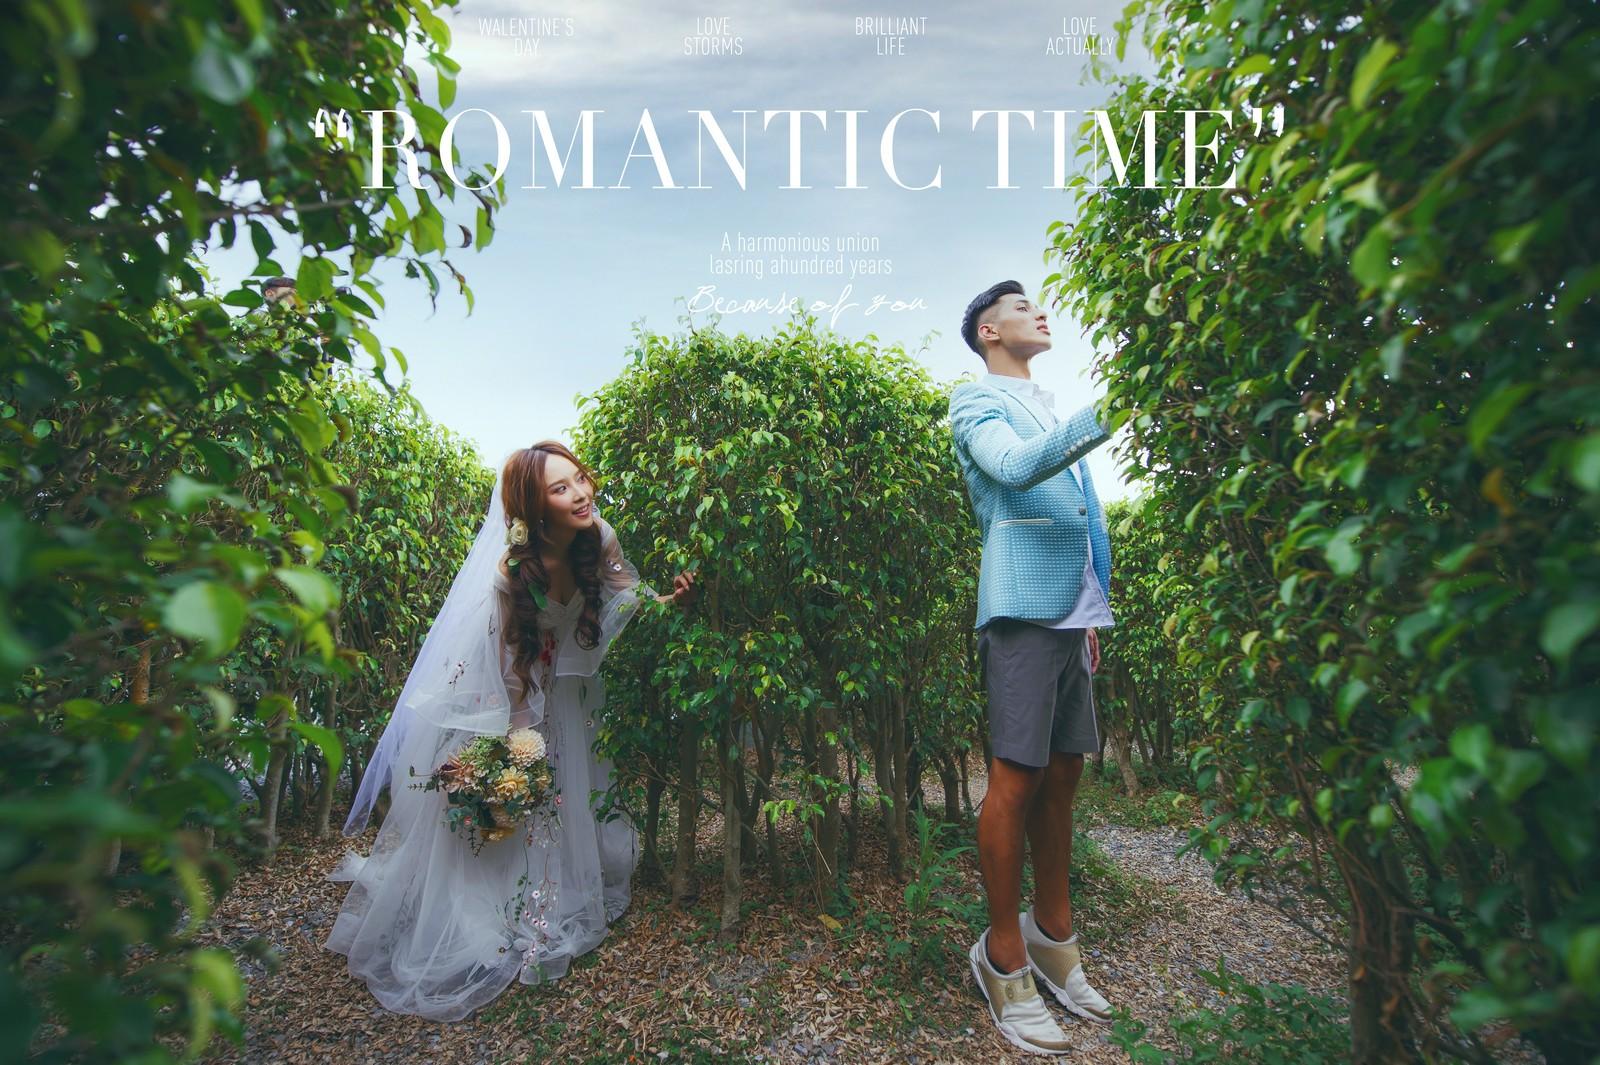 拍婚紗照,婚紗照風格,婚紗照價格,婚紗攝影價格,拍婚紗價格,夢幻童趣